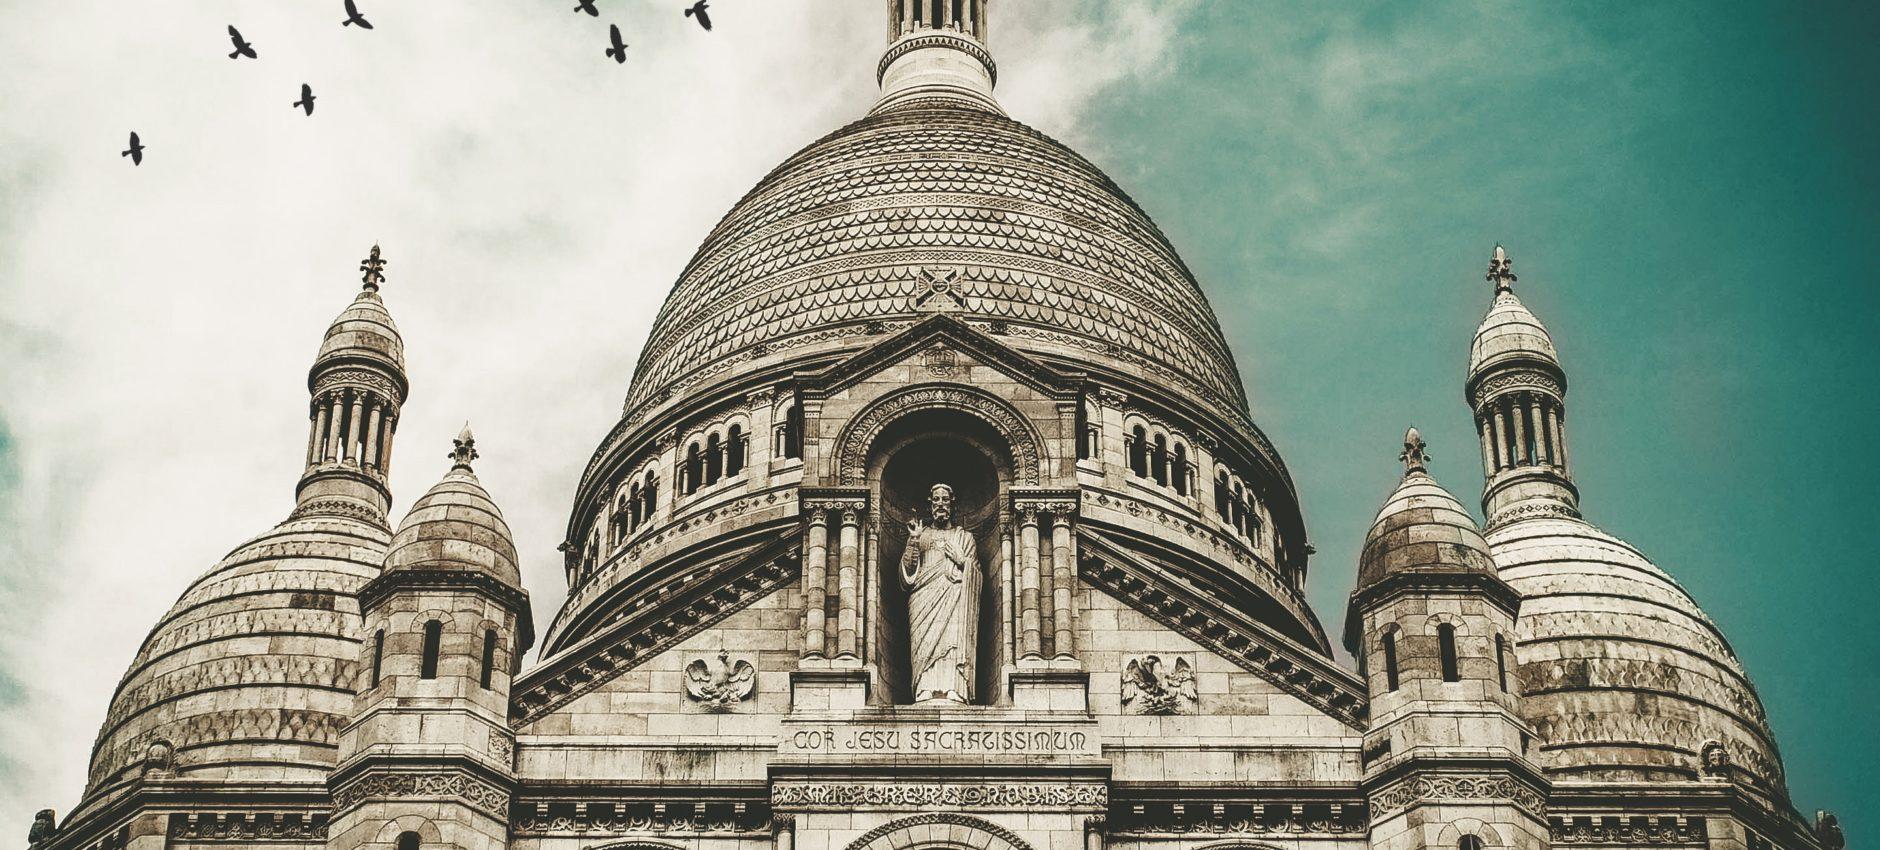 Basilique Sacré Coeur - Paris